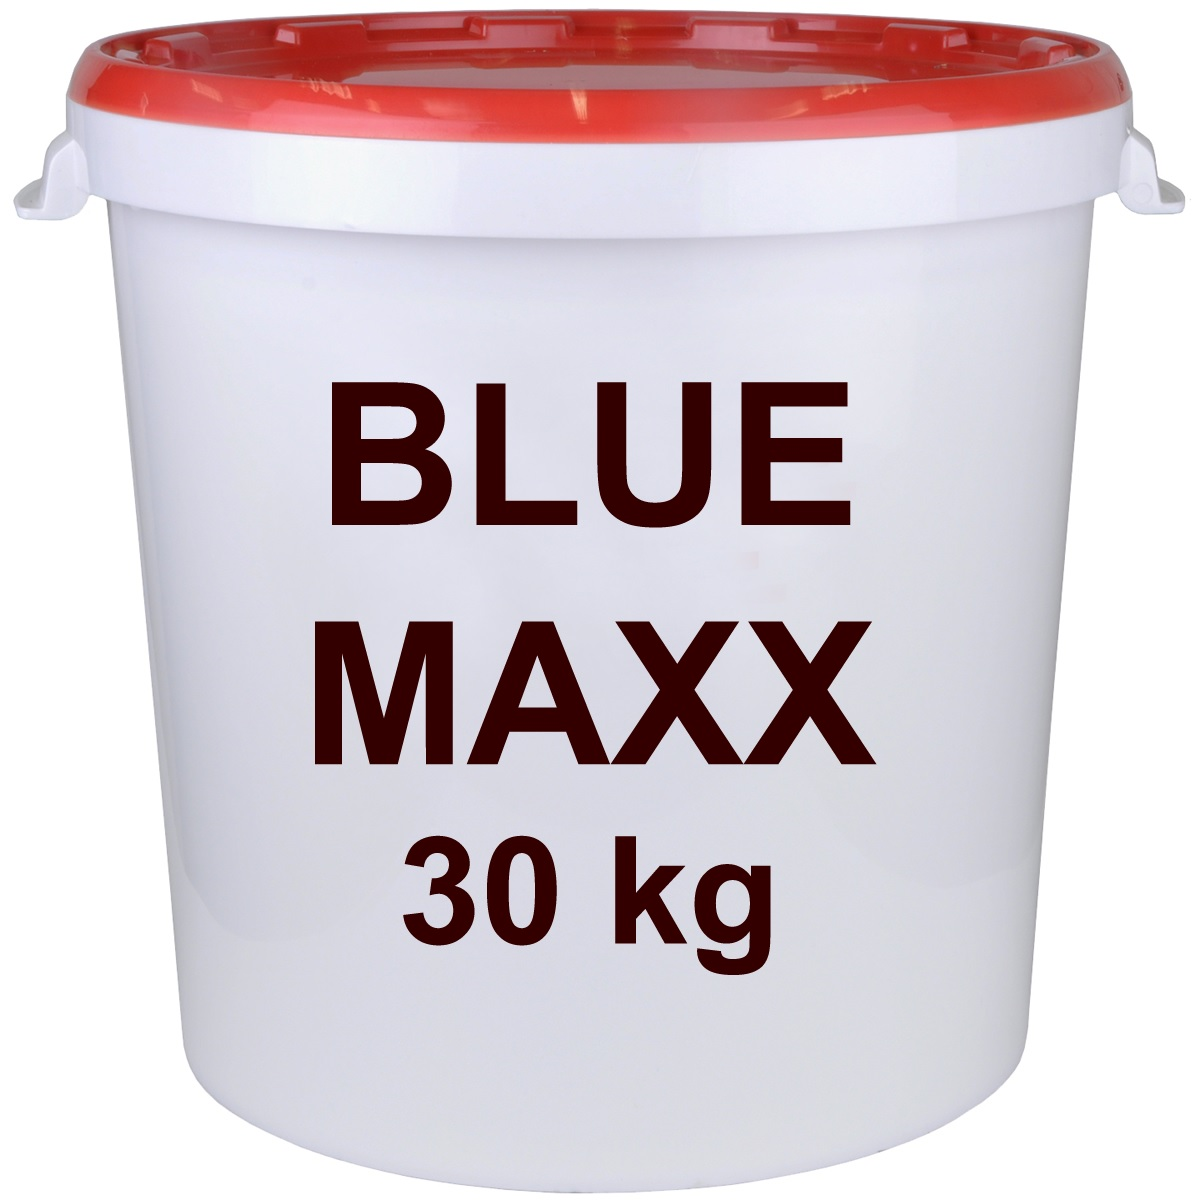 Limus Blue Maxx Hink